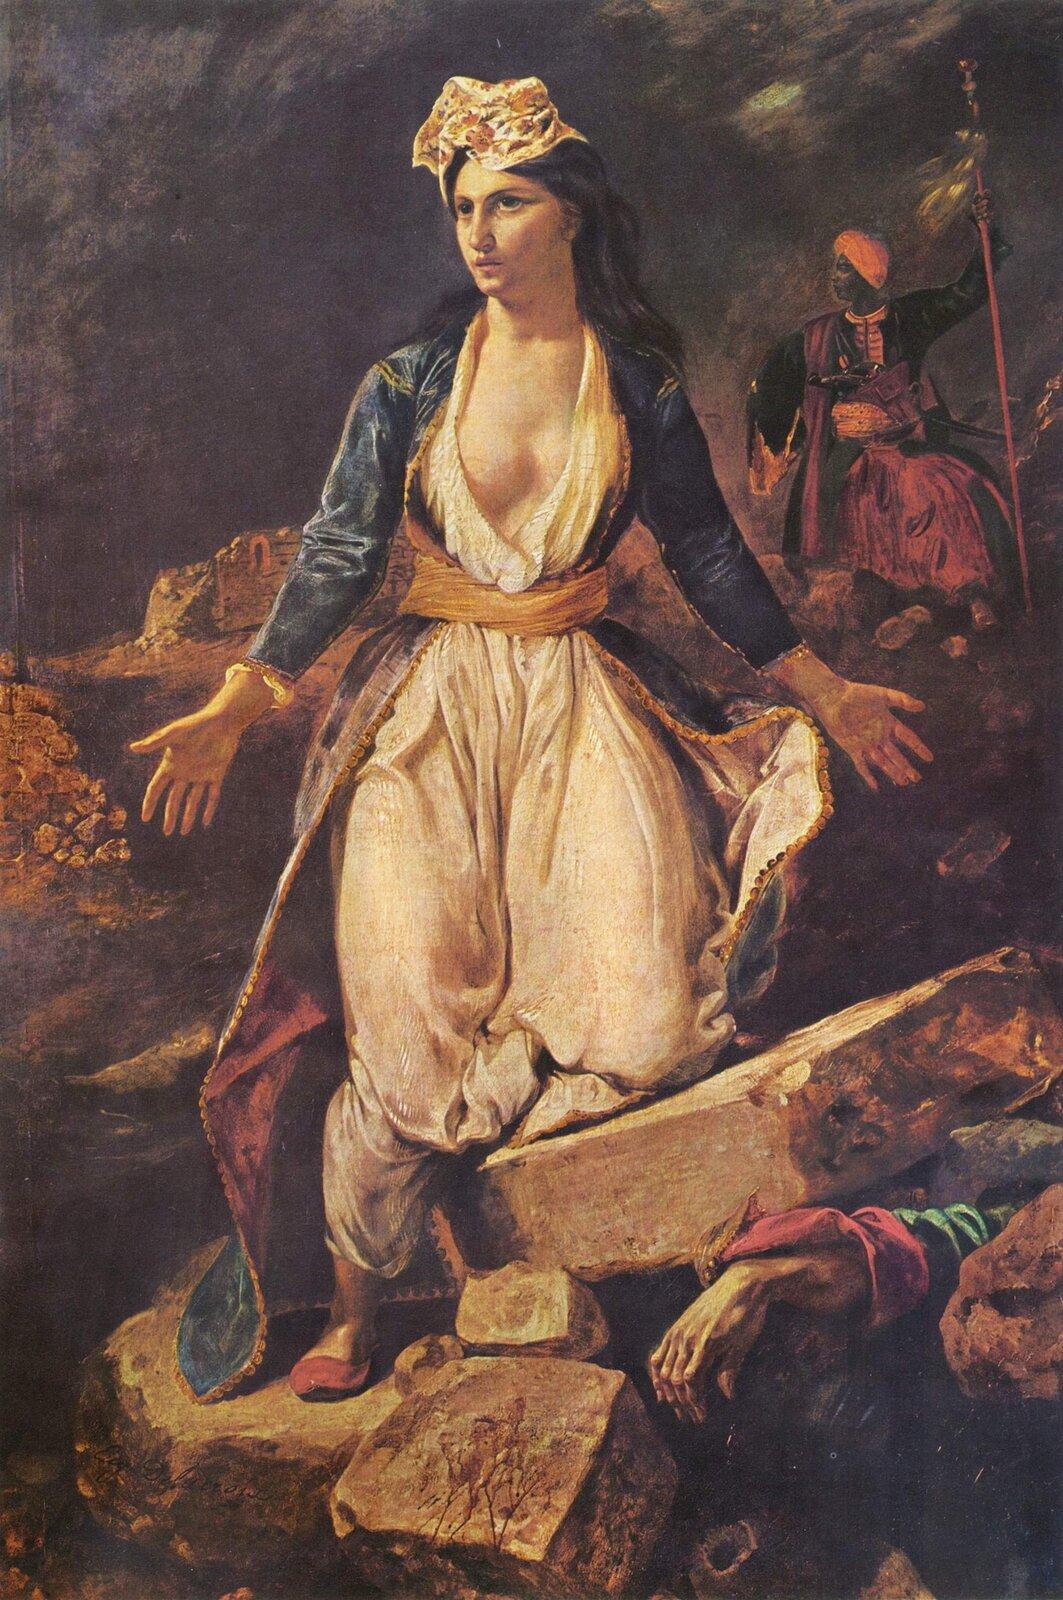 Grecja umierająca na ruinach Missolungi Źródło: Eugène Delacroix, Grecja umierająca na ruinach Missolungi, 1826, olej na płótnie, Musée des Beaux-Arts, Bordeaux, domena publiczna.